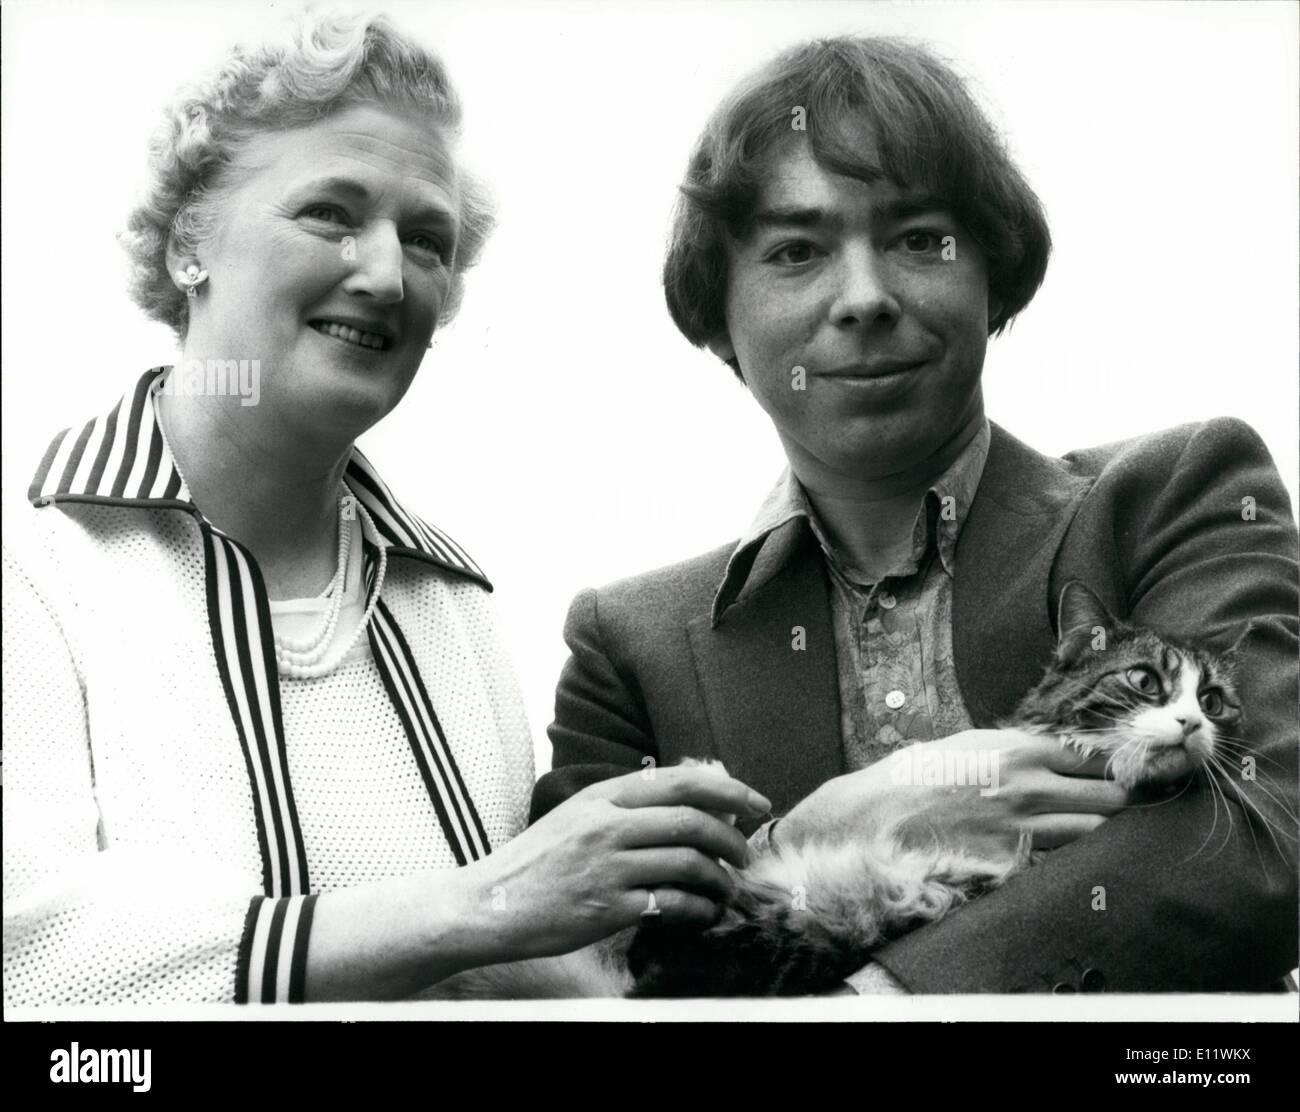 Septembre 09, 1980 - NOUVEAU LLOYD WEBBER POUR L'OUEST DE LA COMÉDIE MUSICALE ''Cats'' est le titre de la nouvelle comédie musicale de Andrew Lloyd Webber a annoncé aujourd'hui. Ce sera la première West End musical par lui depuis le ''Evita'' a ouvert ses portes à Londres en juin 1978. Inspiré par des poèmes publiés ou non par T S Eliot, incluant le célèbre ''vieux opossums Livre de chats pratique'', prévu pour itvis, ouvert à Londres en avril 1981. Le nouveau spectacle sera réalisé par Trevor Nunn de la Royal Shakespeare Company et chorégraphié par Lynne Billian Banque D'Images